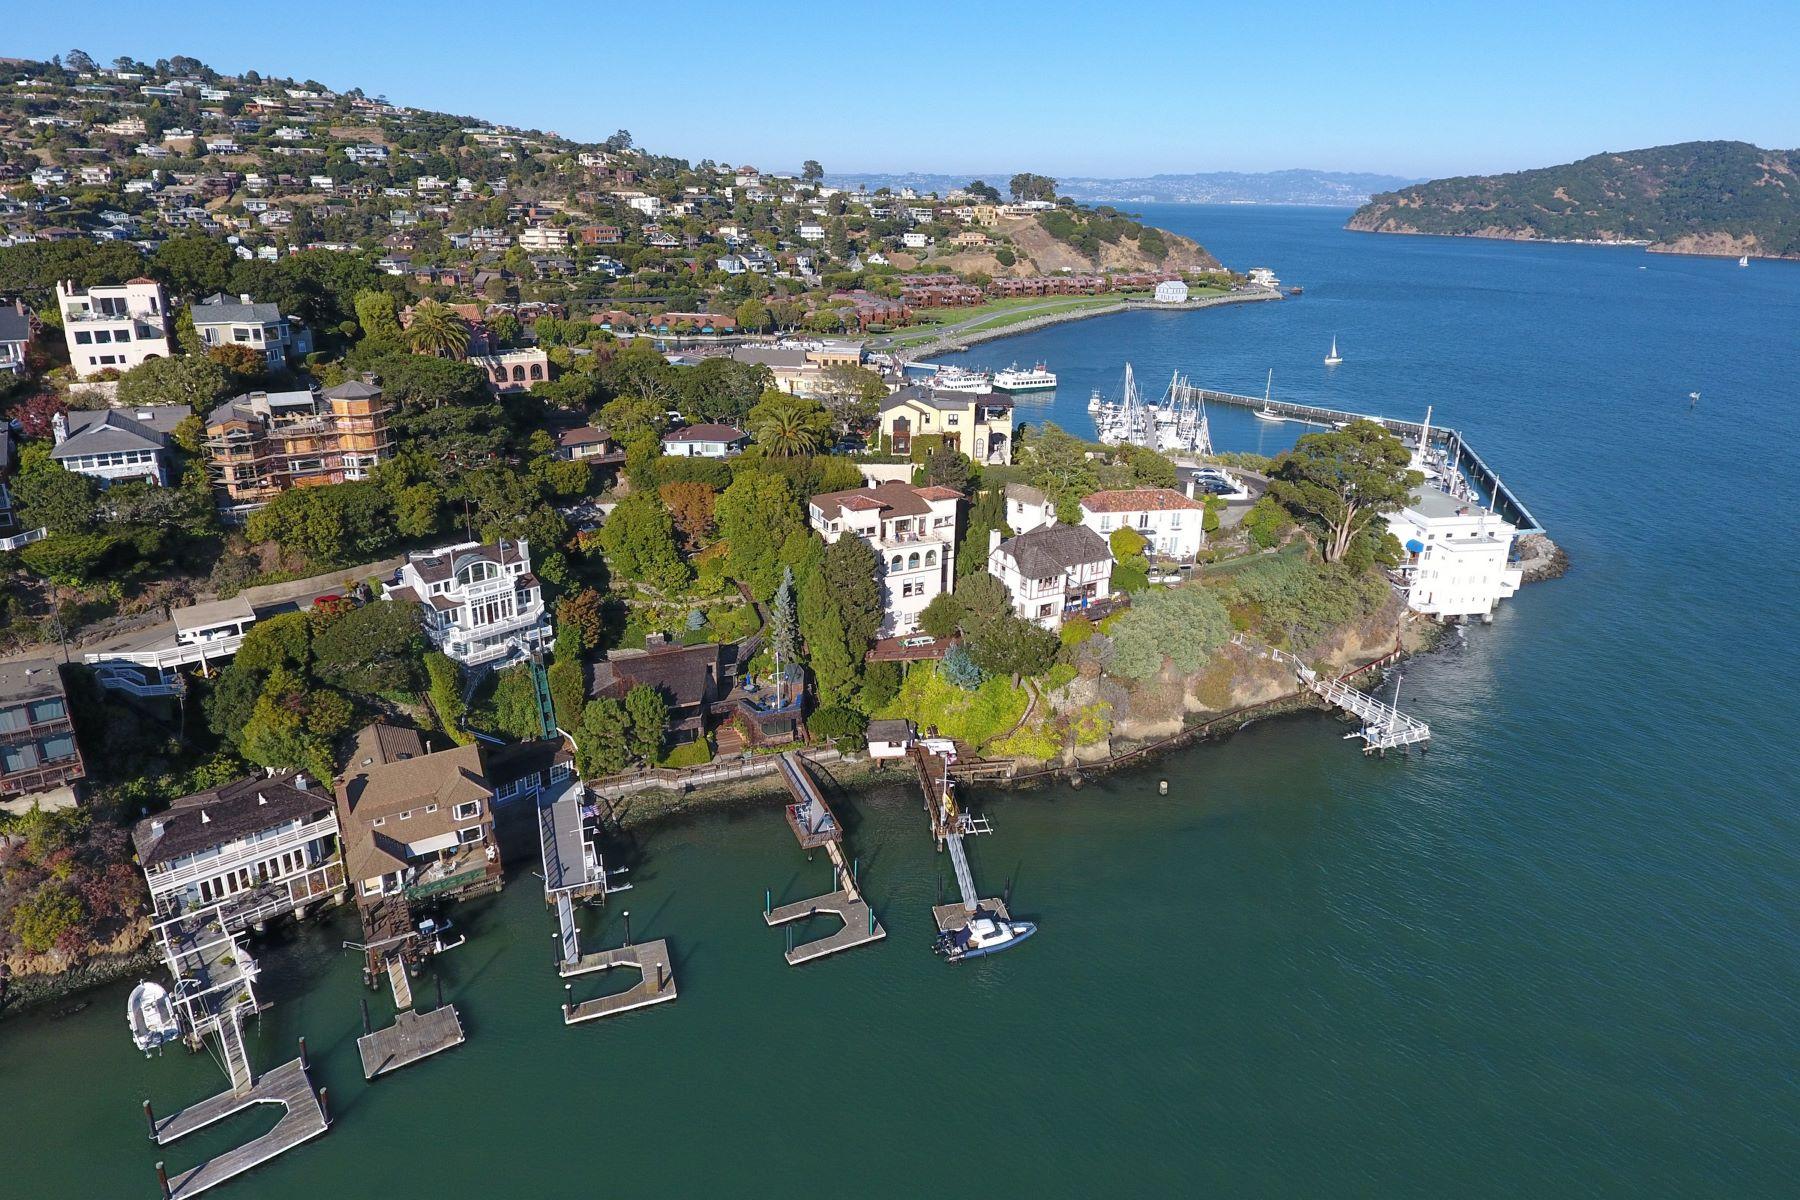 Casa para uma família para Venda às Prime Waterfront Home with Boat Dock and Beach House 71 Bellevue Avenue Belvedere, Califórnia, 94920 Estados Unidos